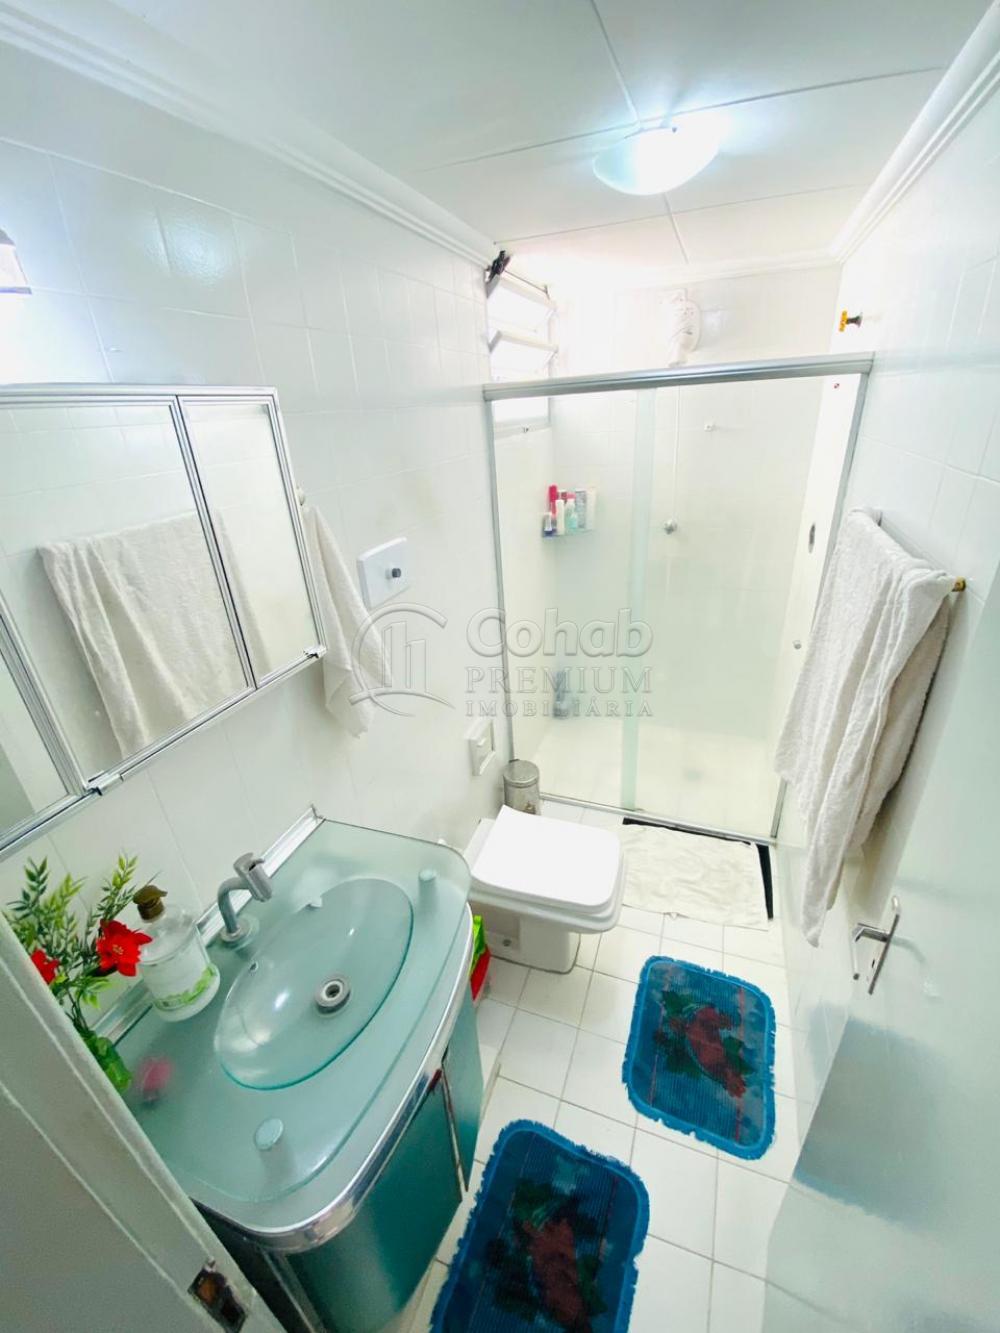 Comprar Apartamento / Padrão em Aracaju apenas R$ 198.000,00 - Foto 8